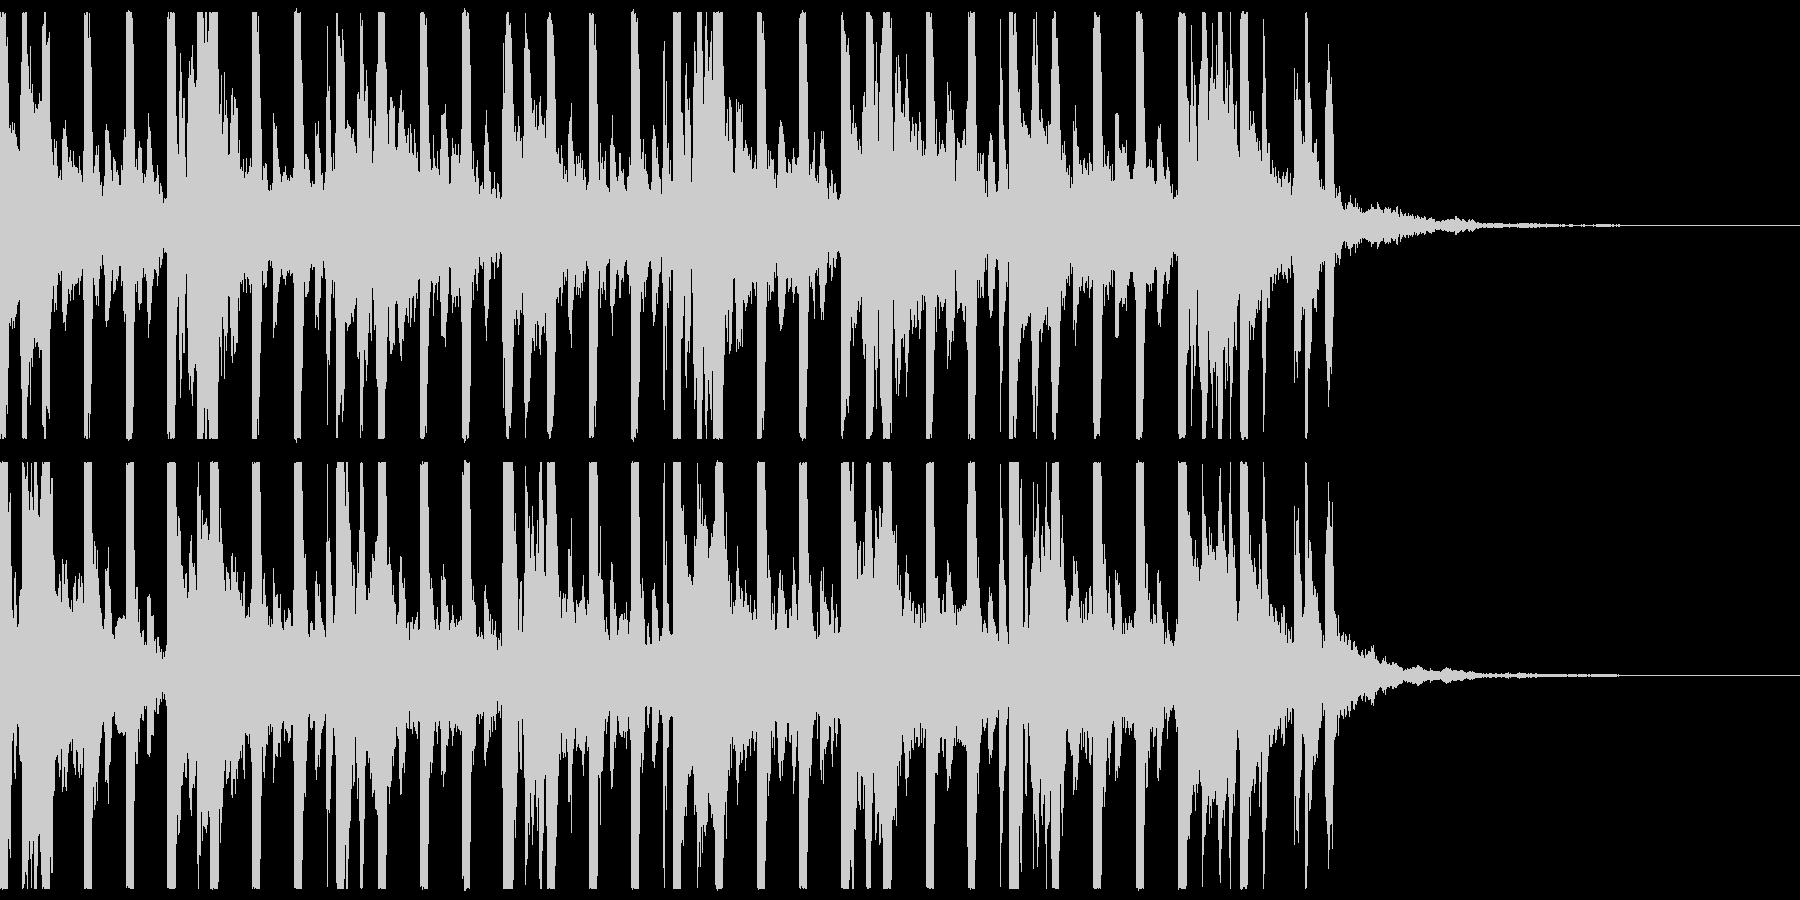 ゲーム、不規則ピアノメロディ、ショートの未再生の波形